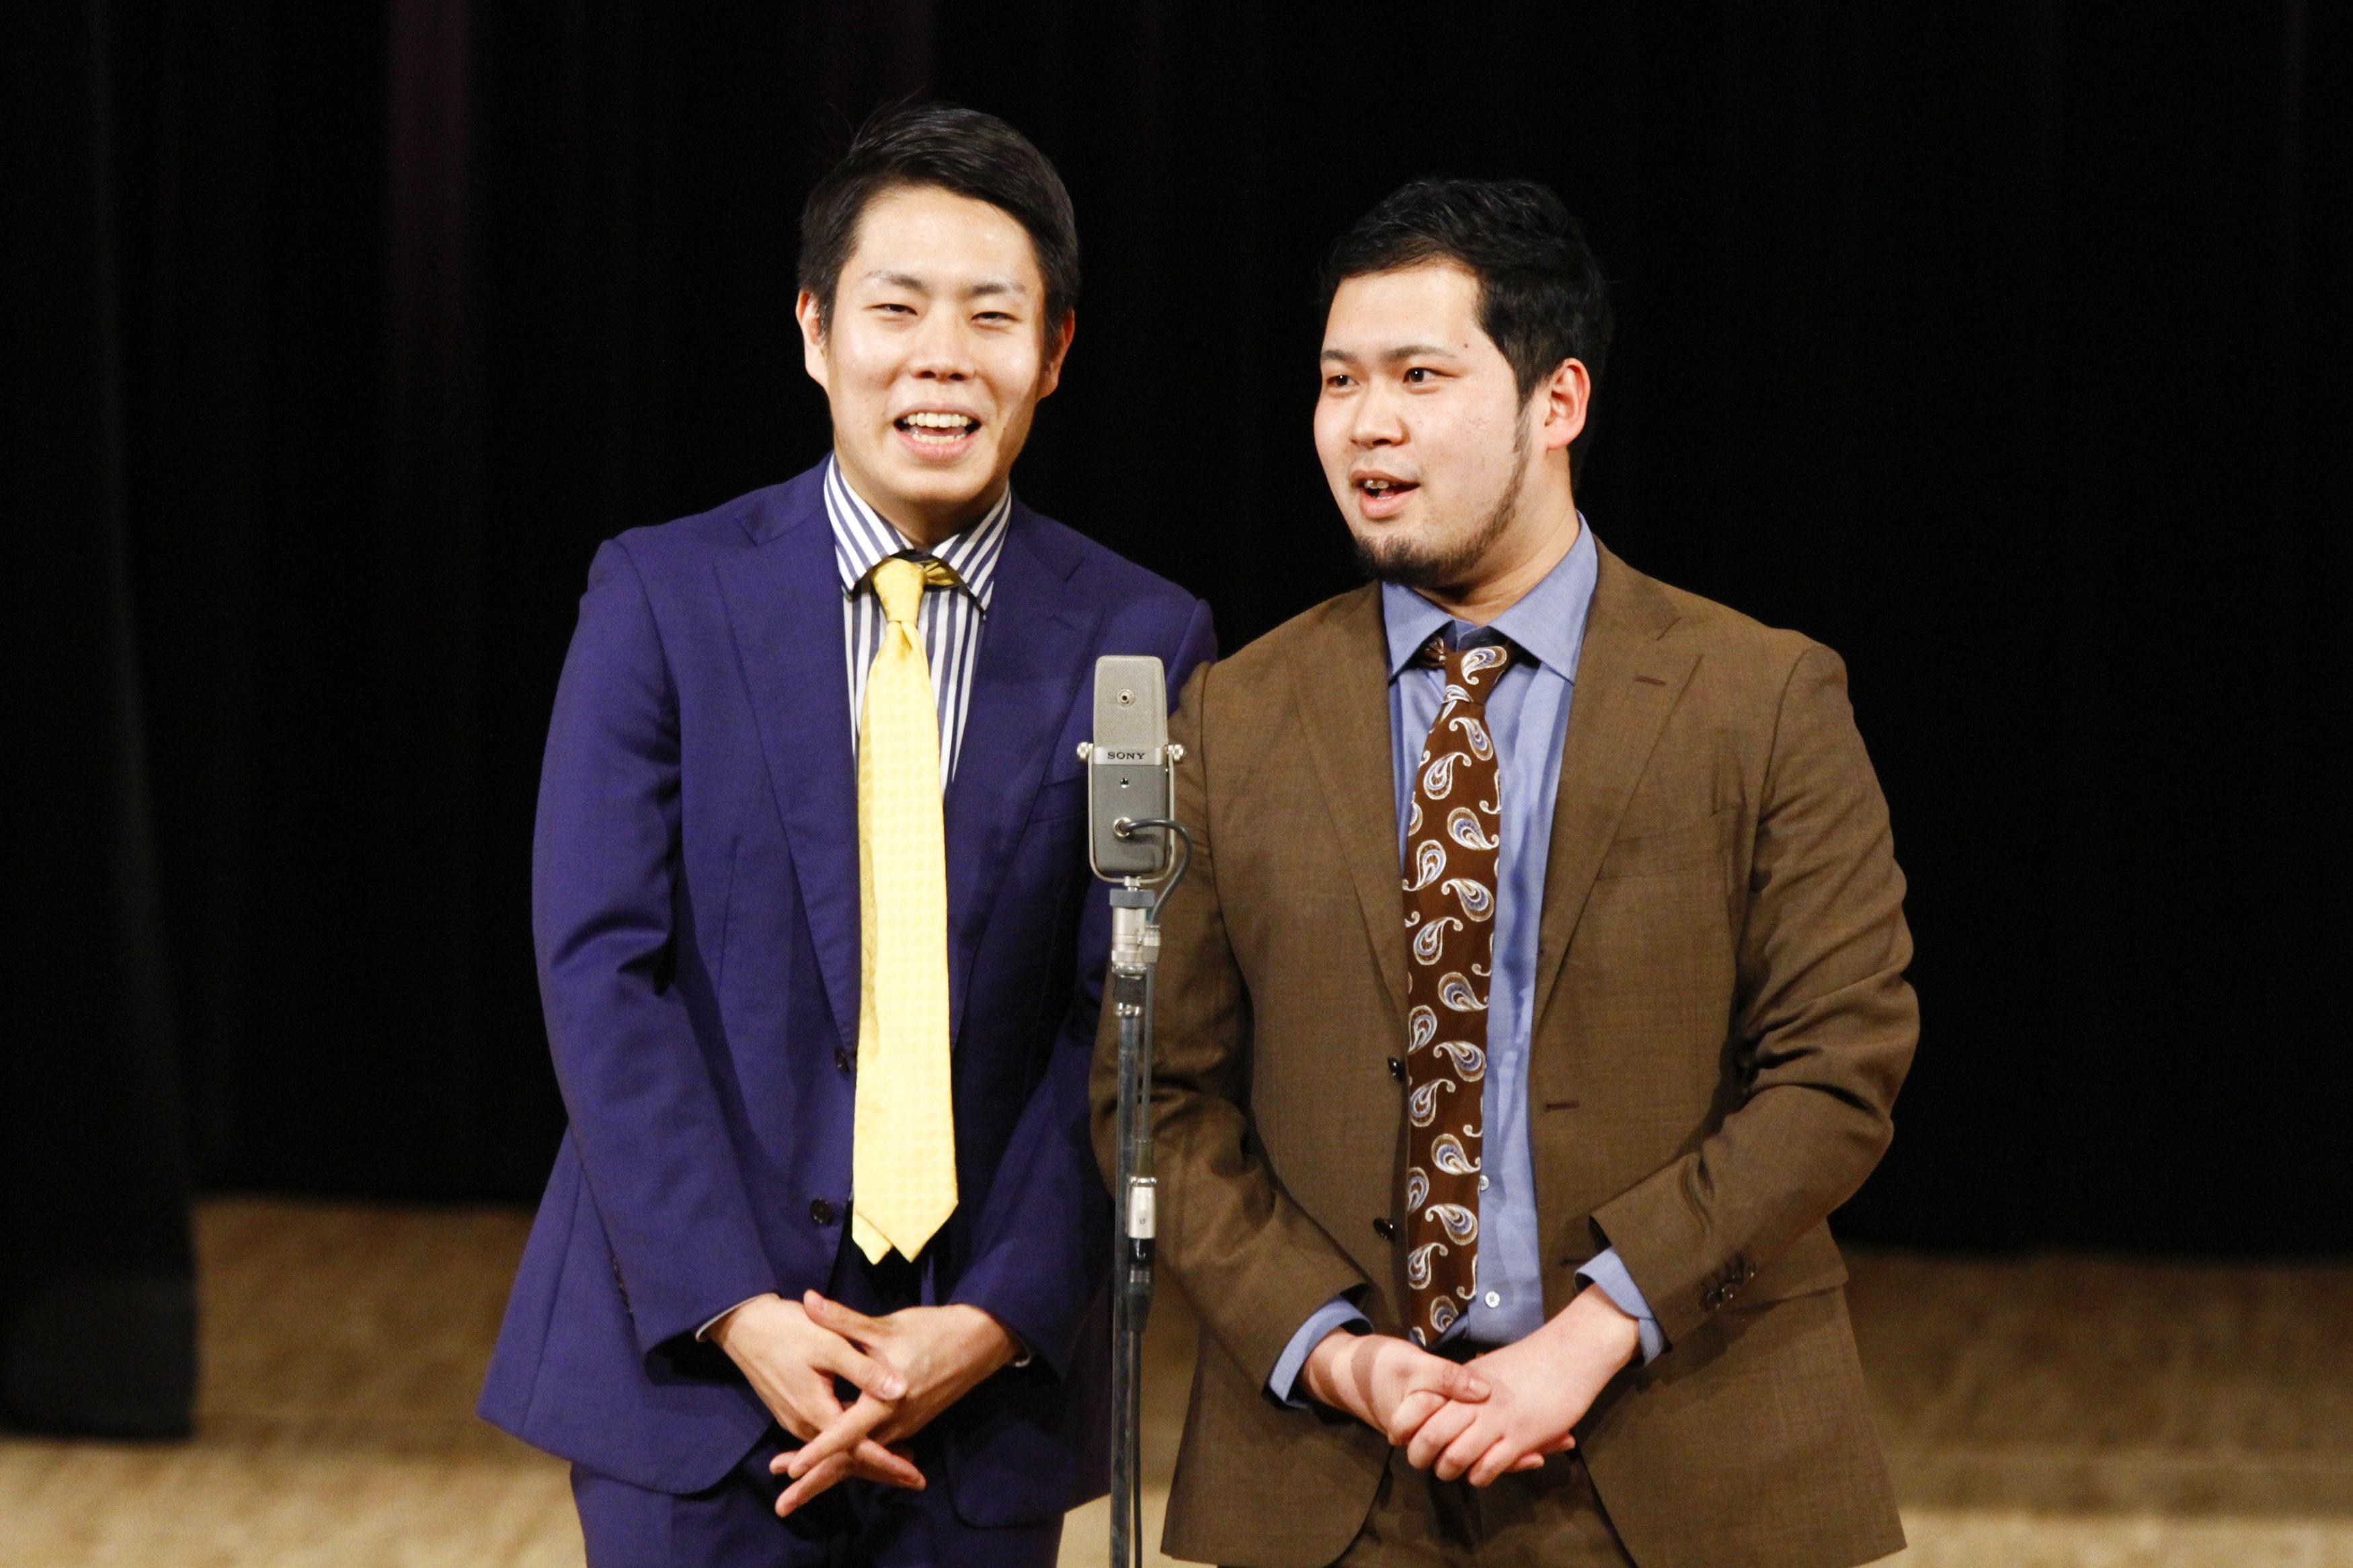 http://news.yoshimoto.co.jp/20180220003632-c823394c5849aaf2e3aa3e3b6389930d565dab55.jpg